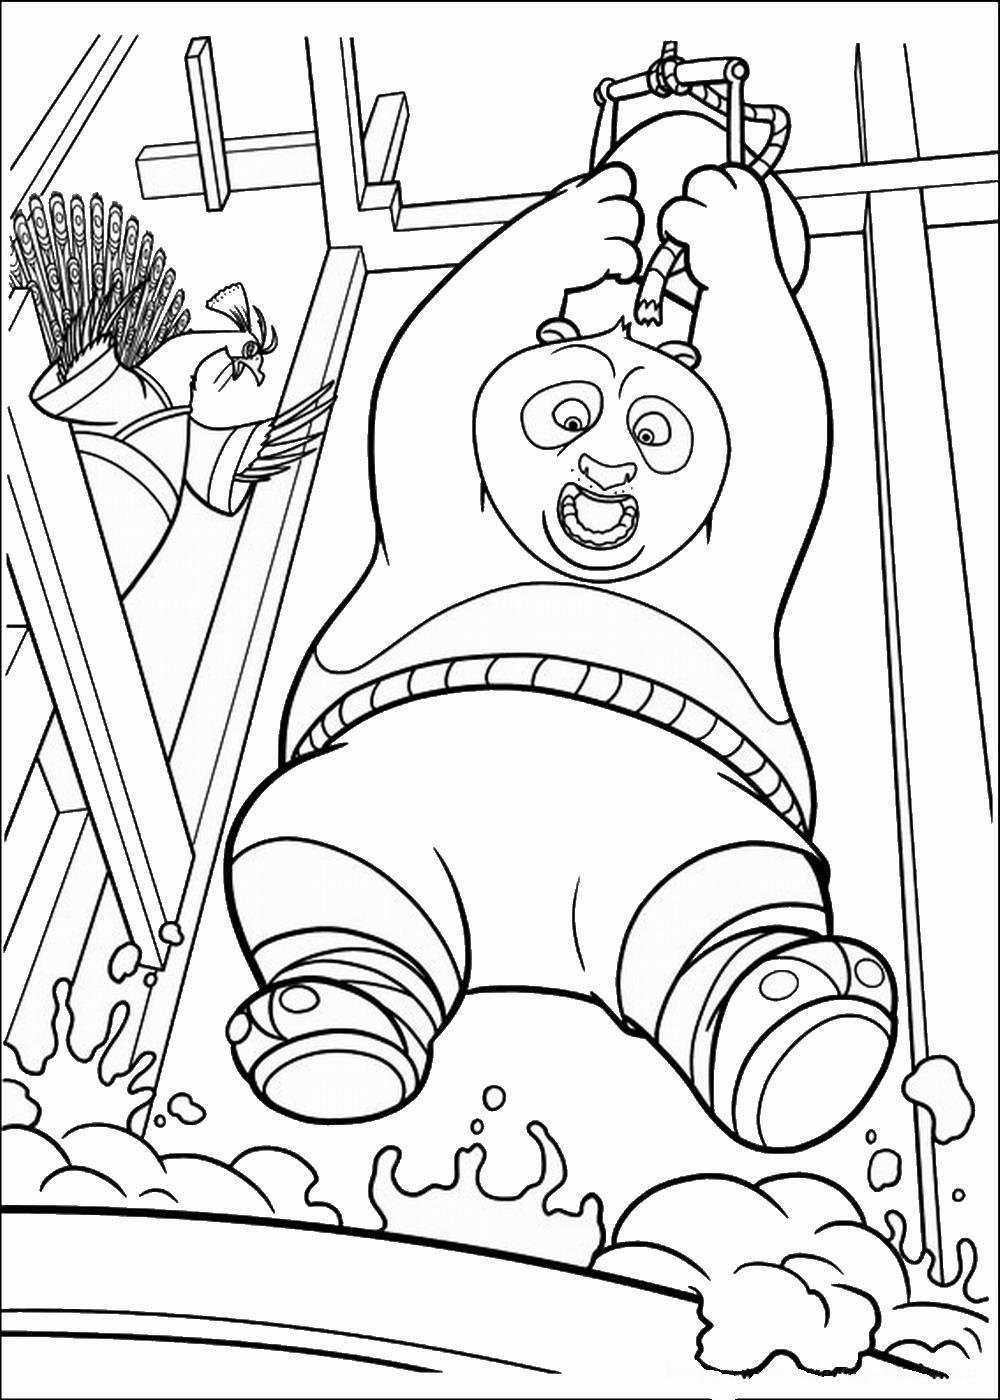 Coloriages imprimer Kung Fu Panda num ro 671574